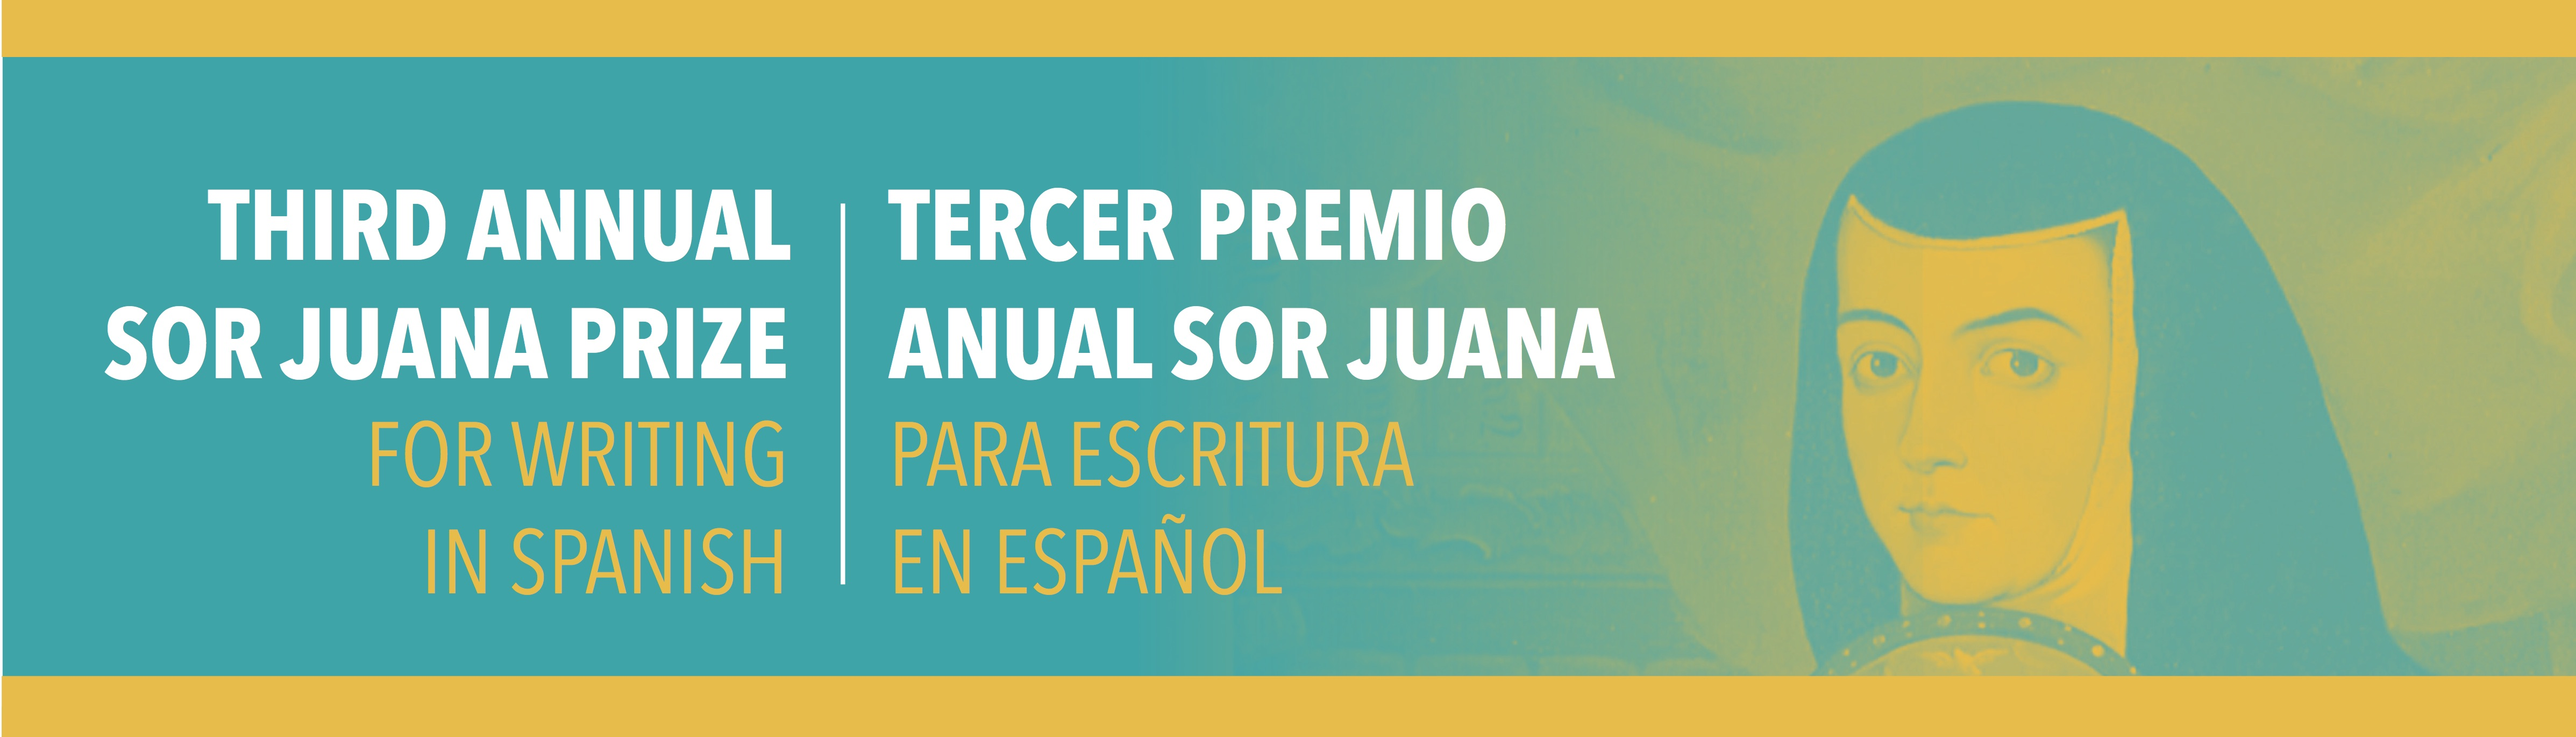 Sor_Juana_banner.jpg